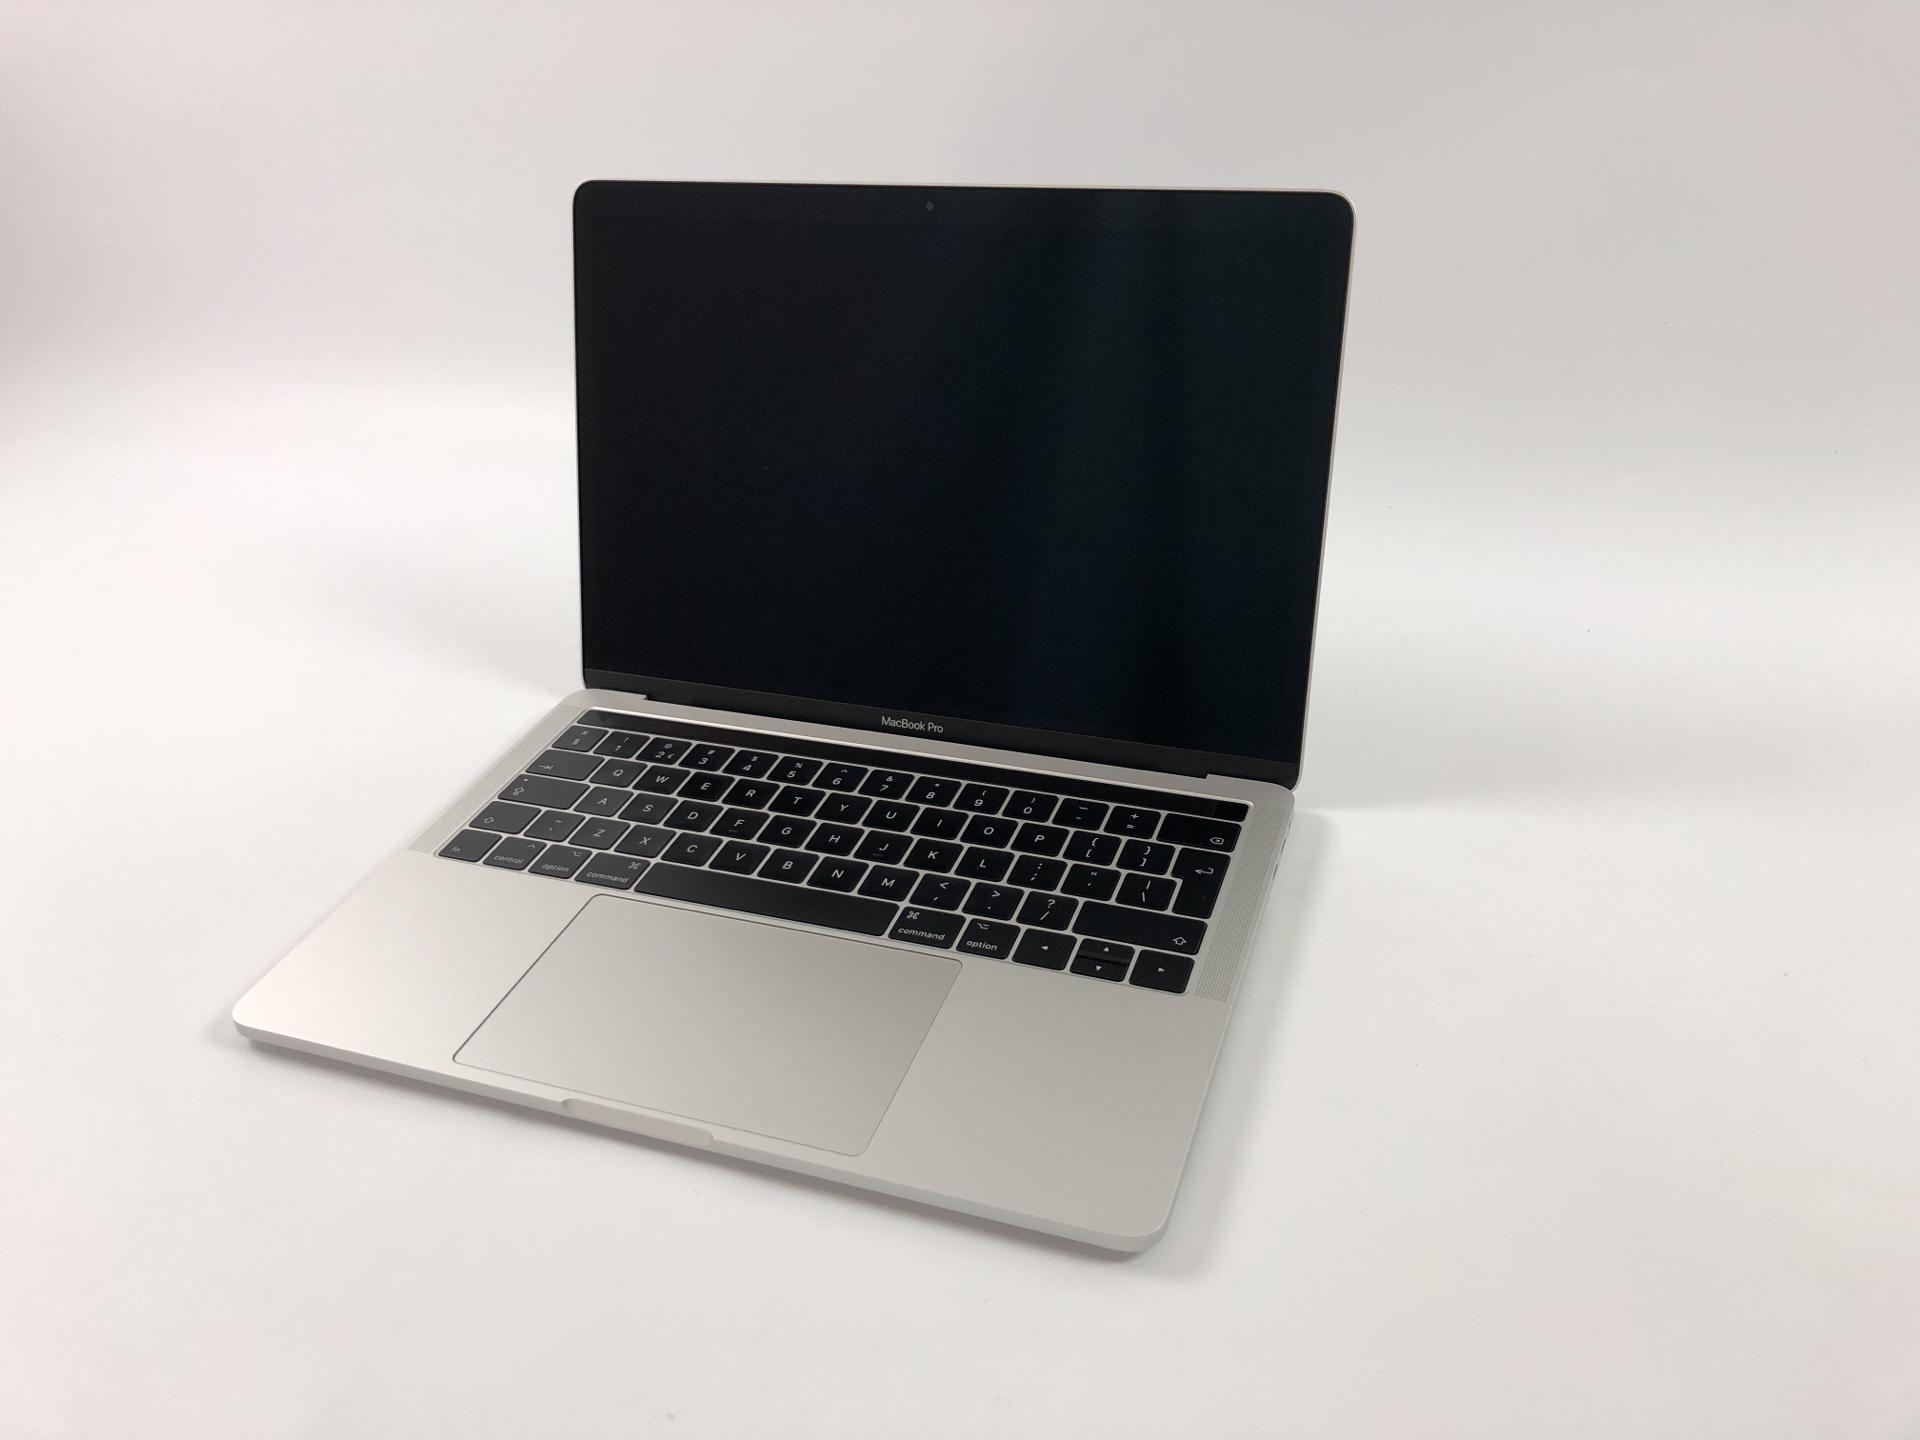 """MacBook Pro 13"""" 4TBT Mid 2017 (Intel Core i5 3.1 GHz 8 GB RAM 512 GB SSD), Silver, Intel Core i5 3.1 GHz, 8 GB RAM, 512 GB SSD, bild 1"""